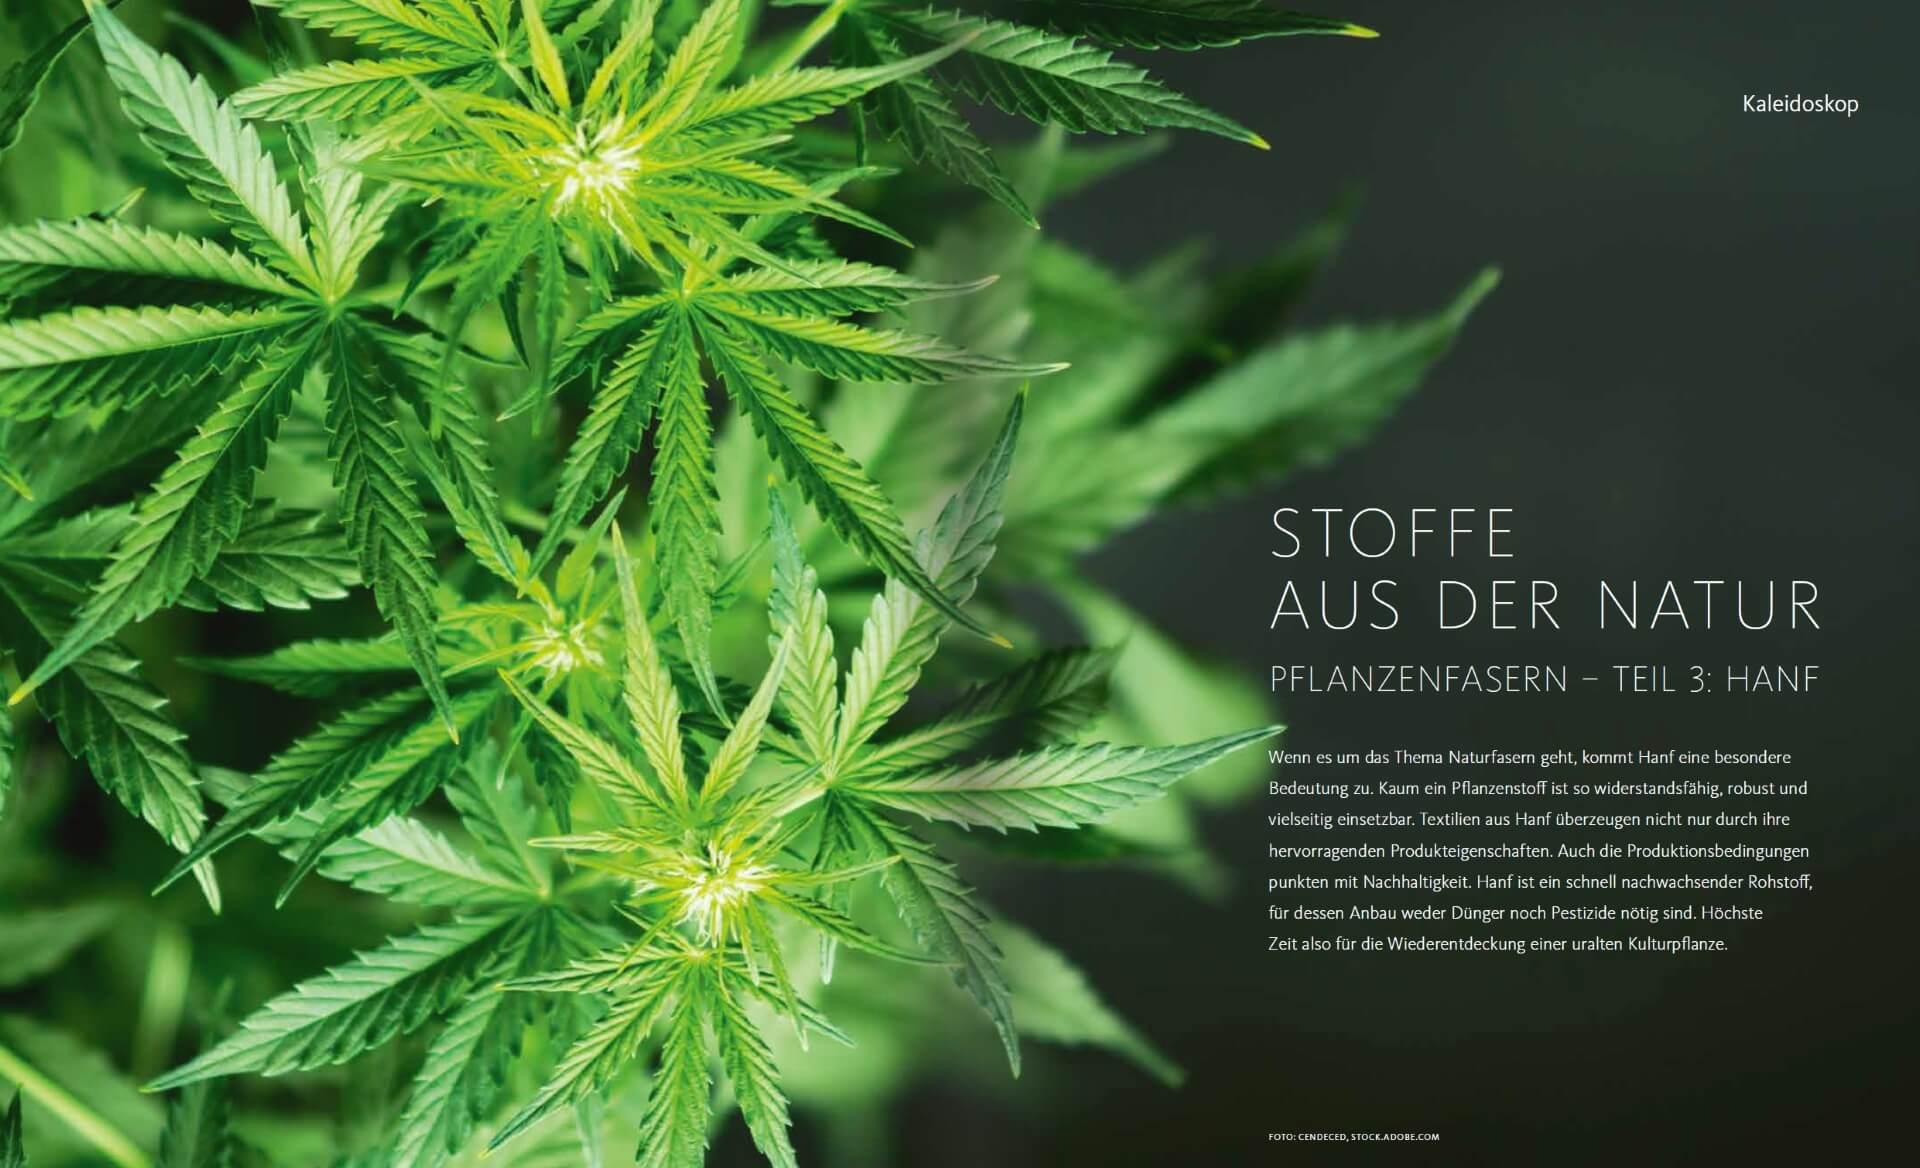 GARTENDESIGN INSPIRATION Ausgabe 5/2019: Pflanzenfasern - Stoffe aus Hanf